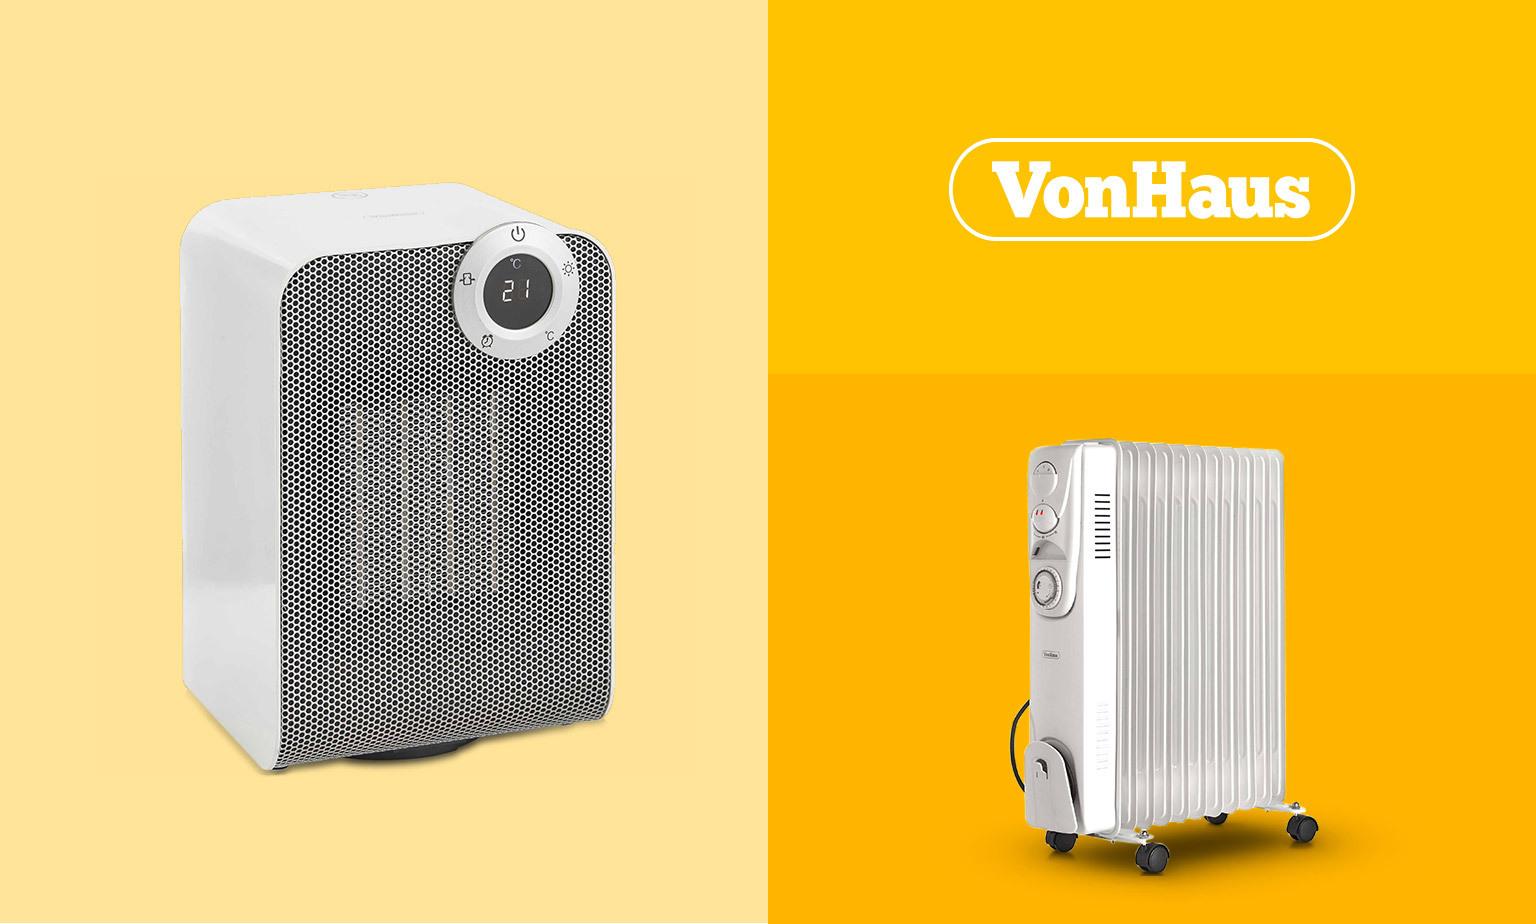 Save on VonHaus Heating!